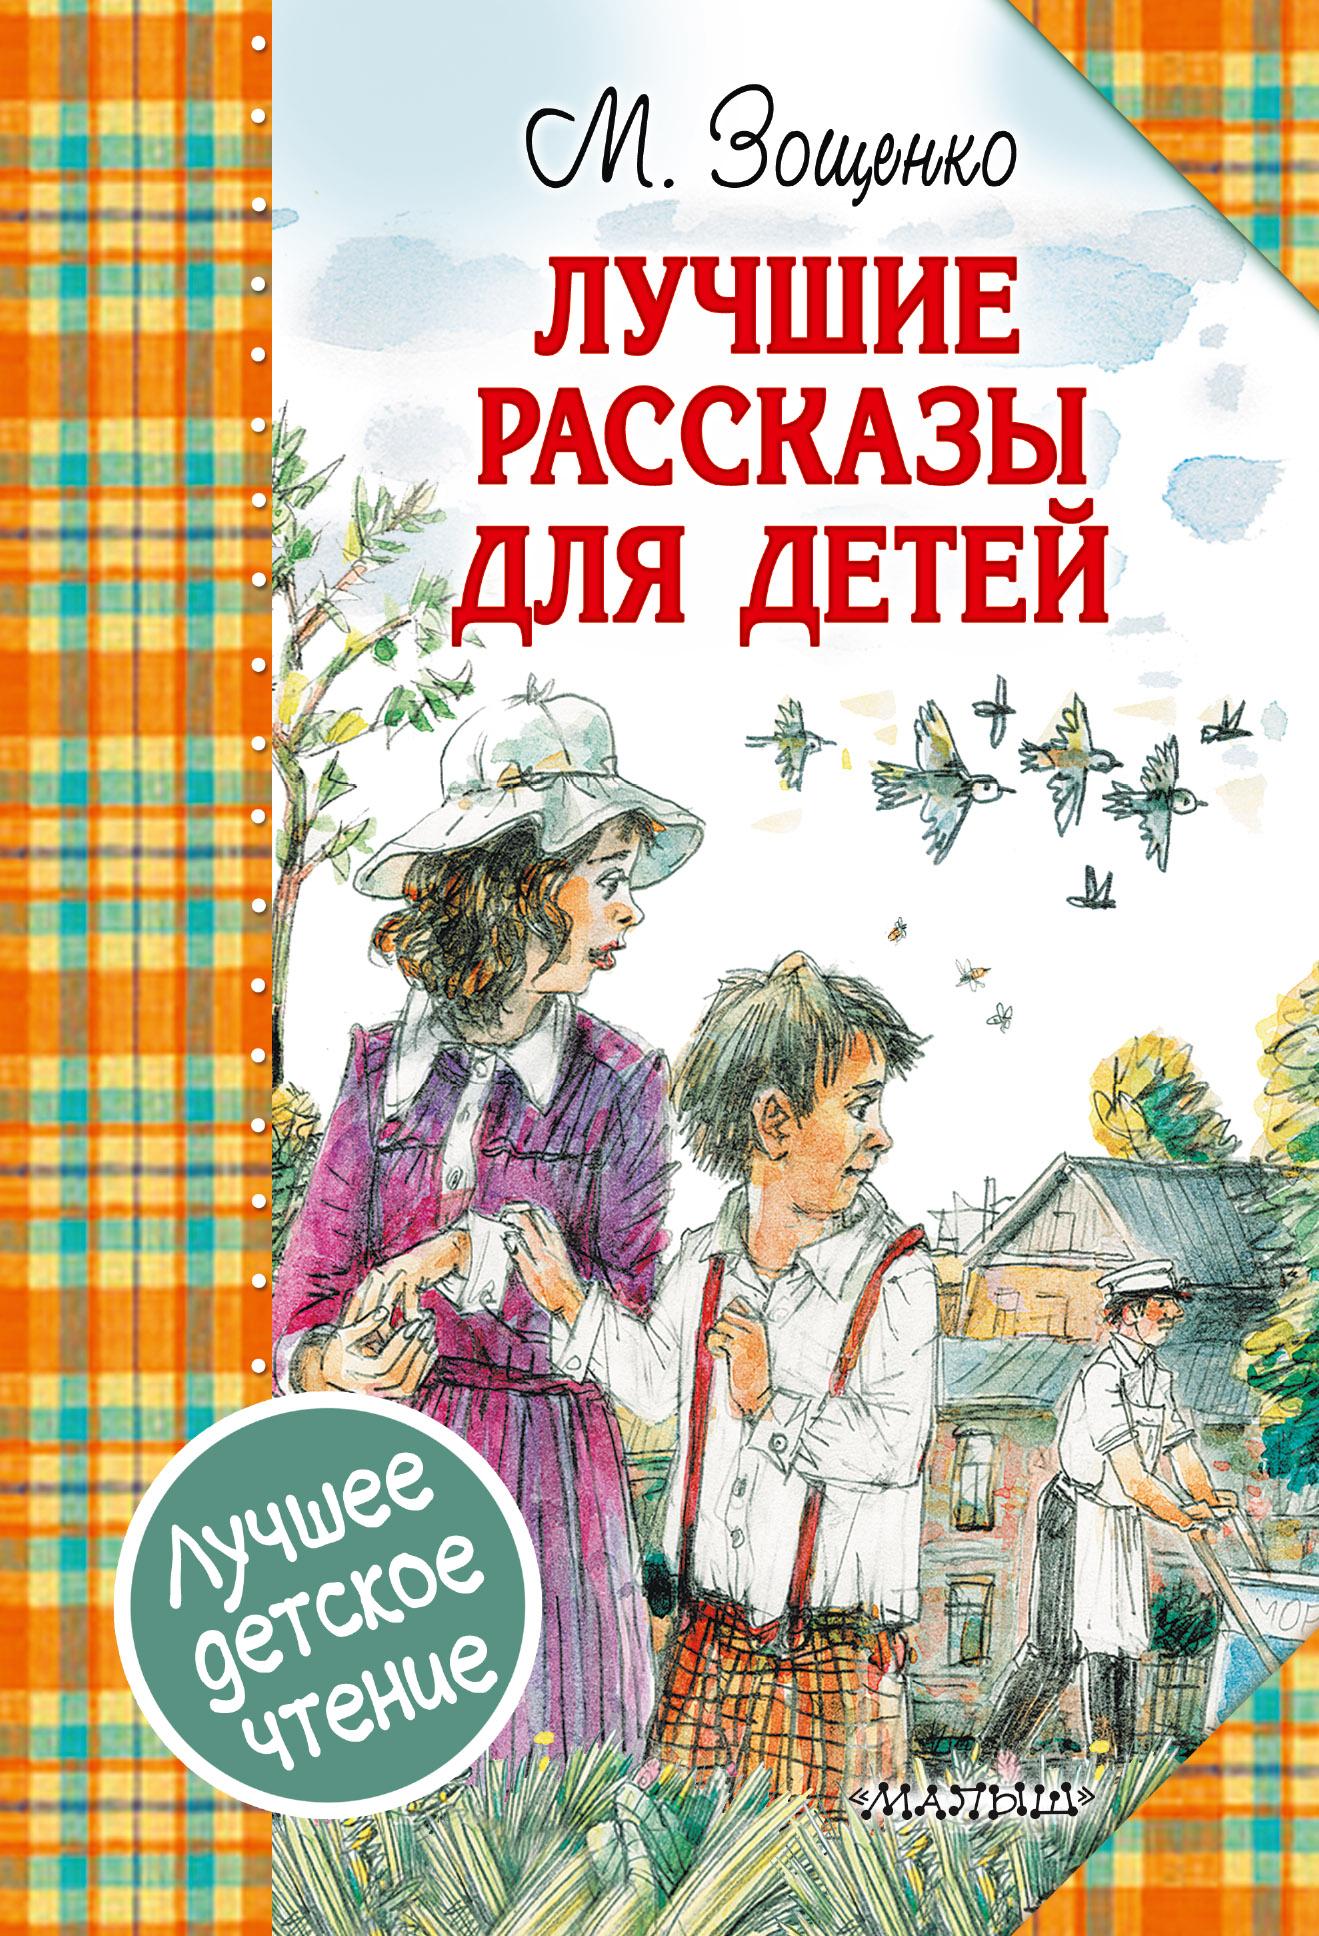 М. Зощенко Лучшие рассказы для детей михаил зощенко лёля и минька сборник